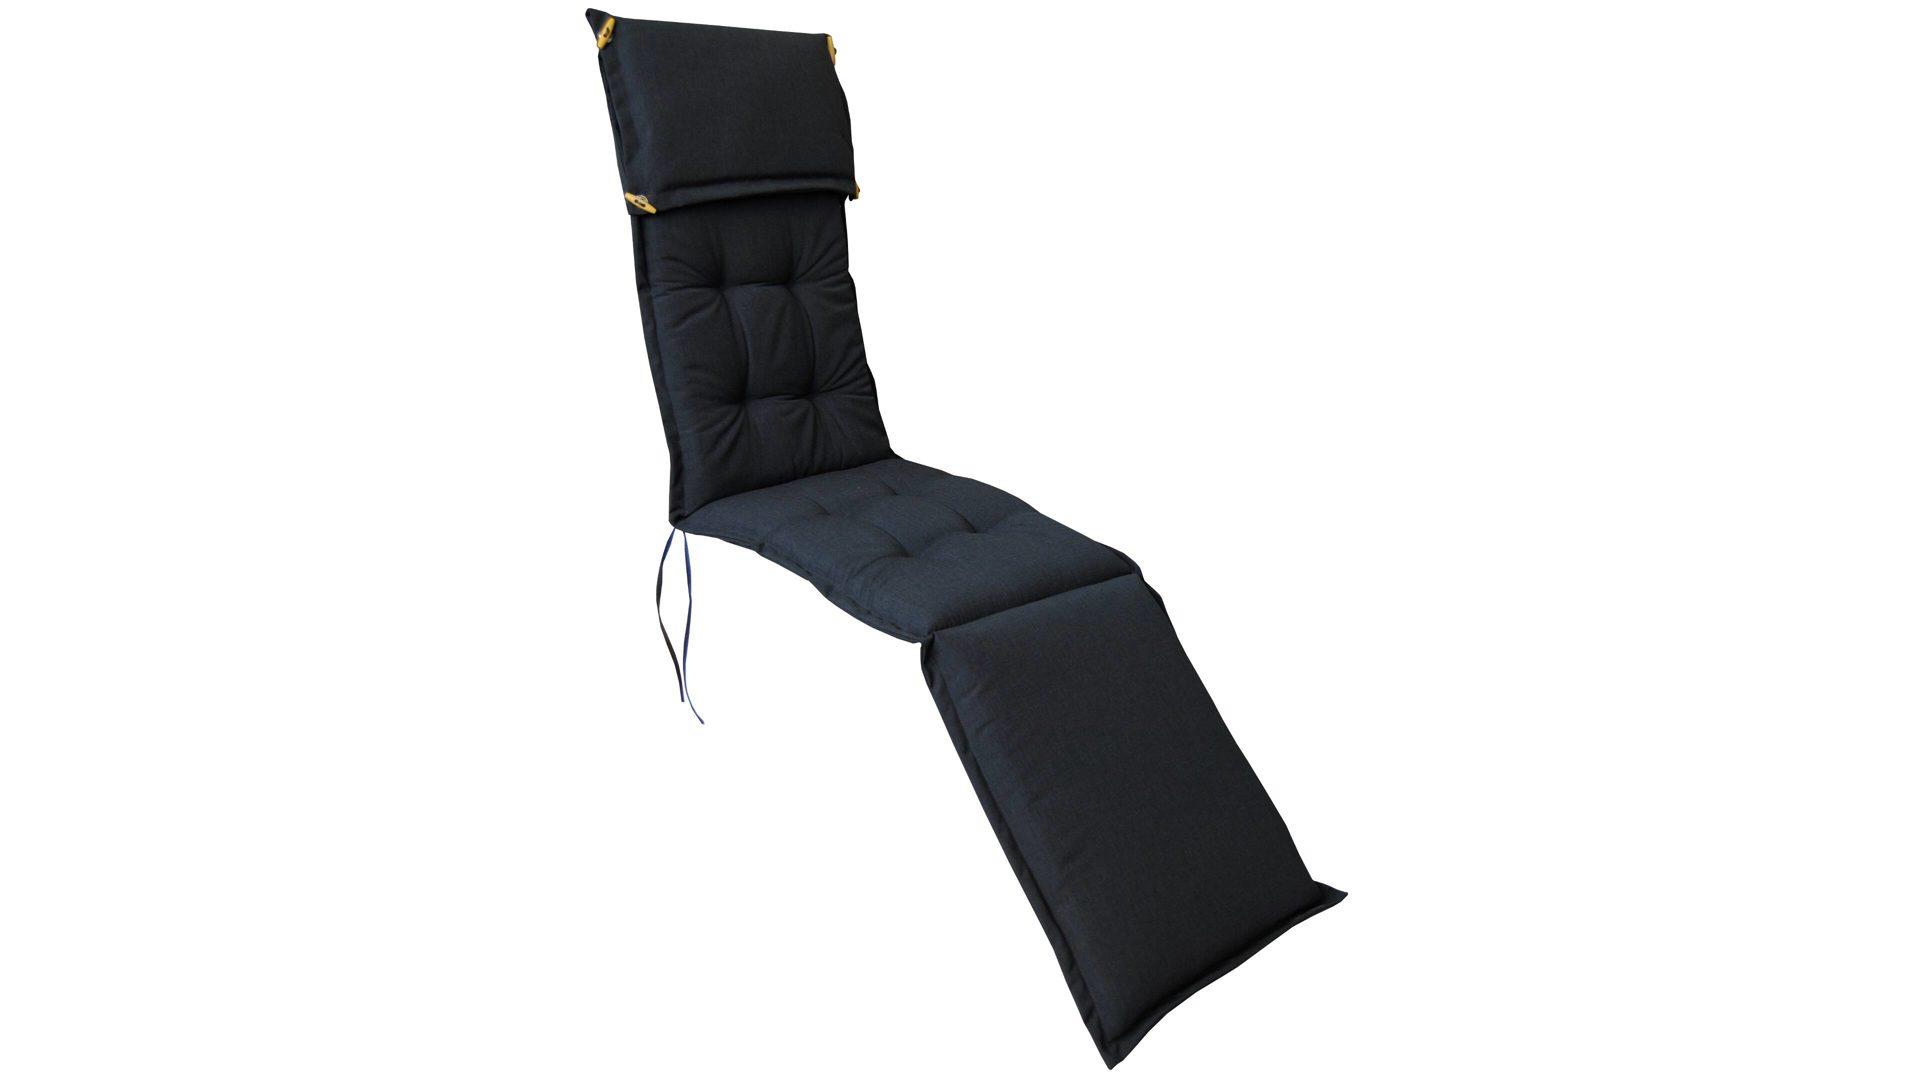 Ploß Premium Deckchair-Polsterauflage Manhattan, anthrazitfarbener ...